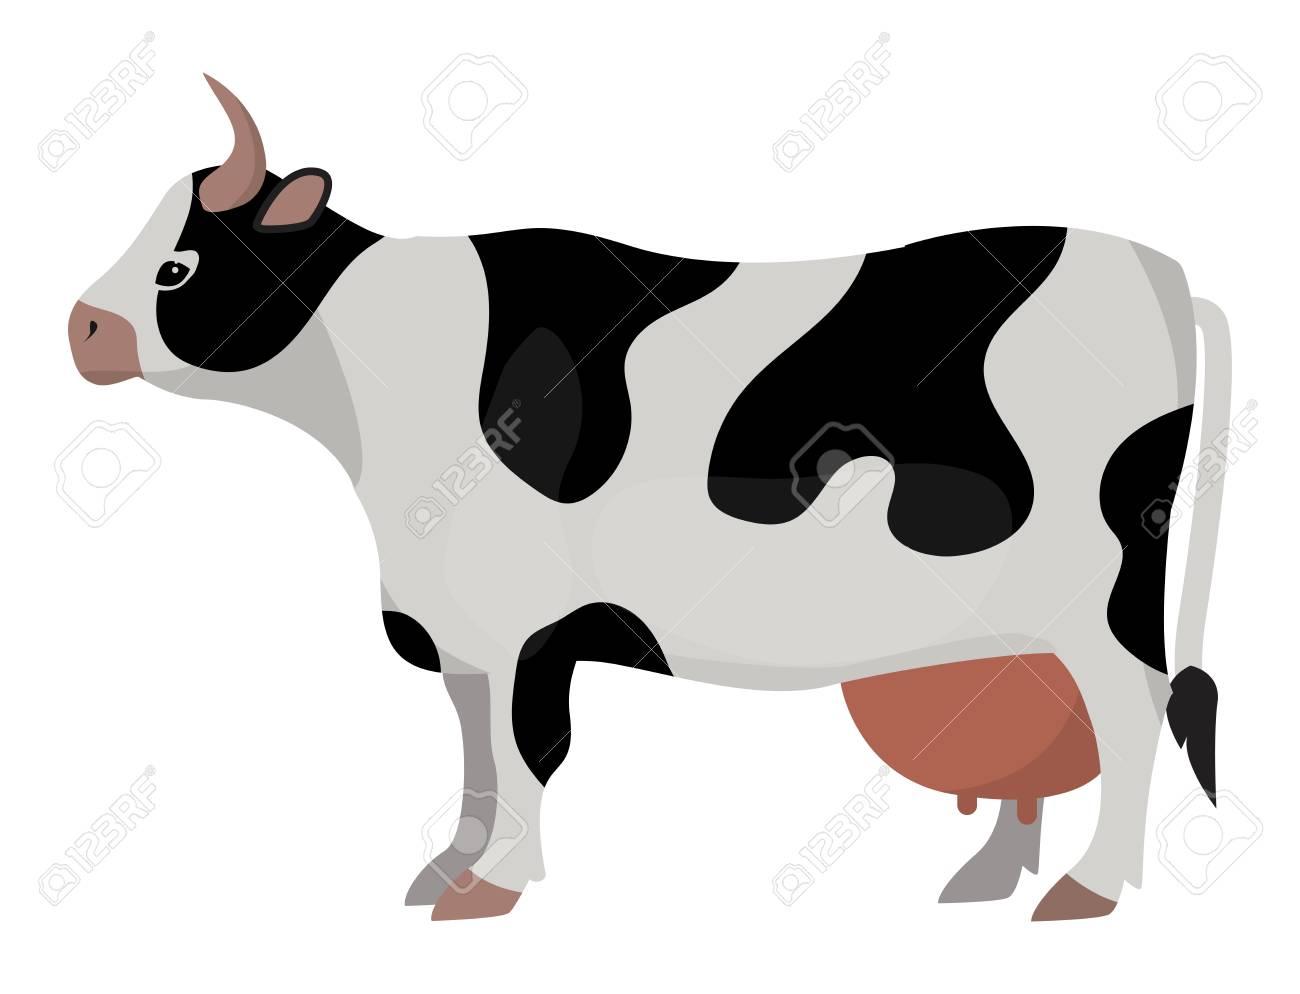 牛ファーム動物の面白い漫画ベクトル イラスト牛哺乳類自然牛農業ミルク